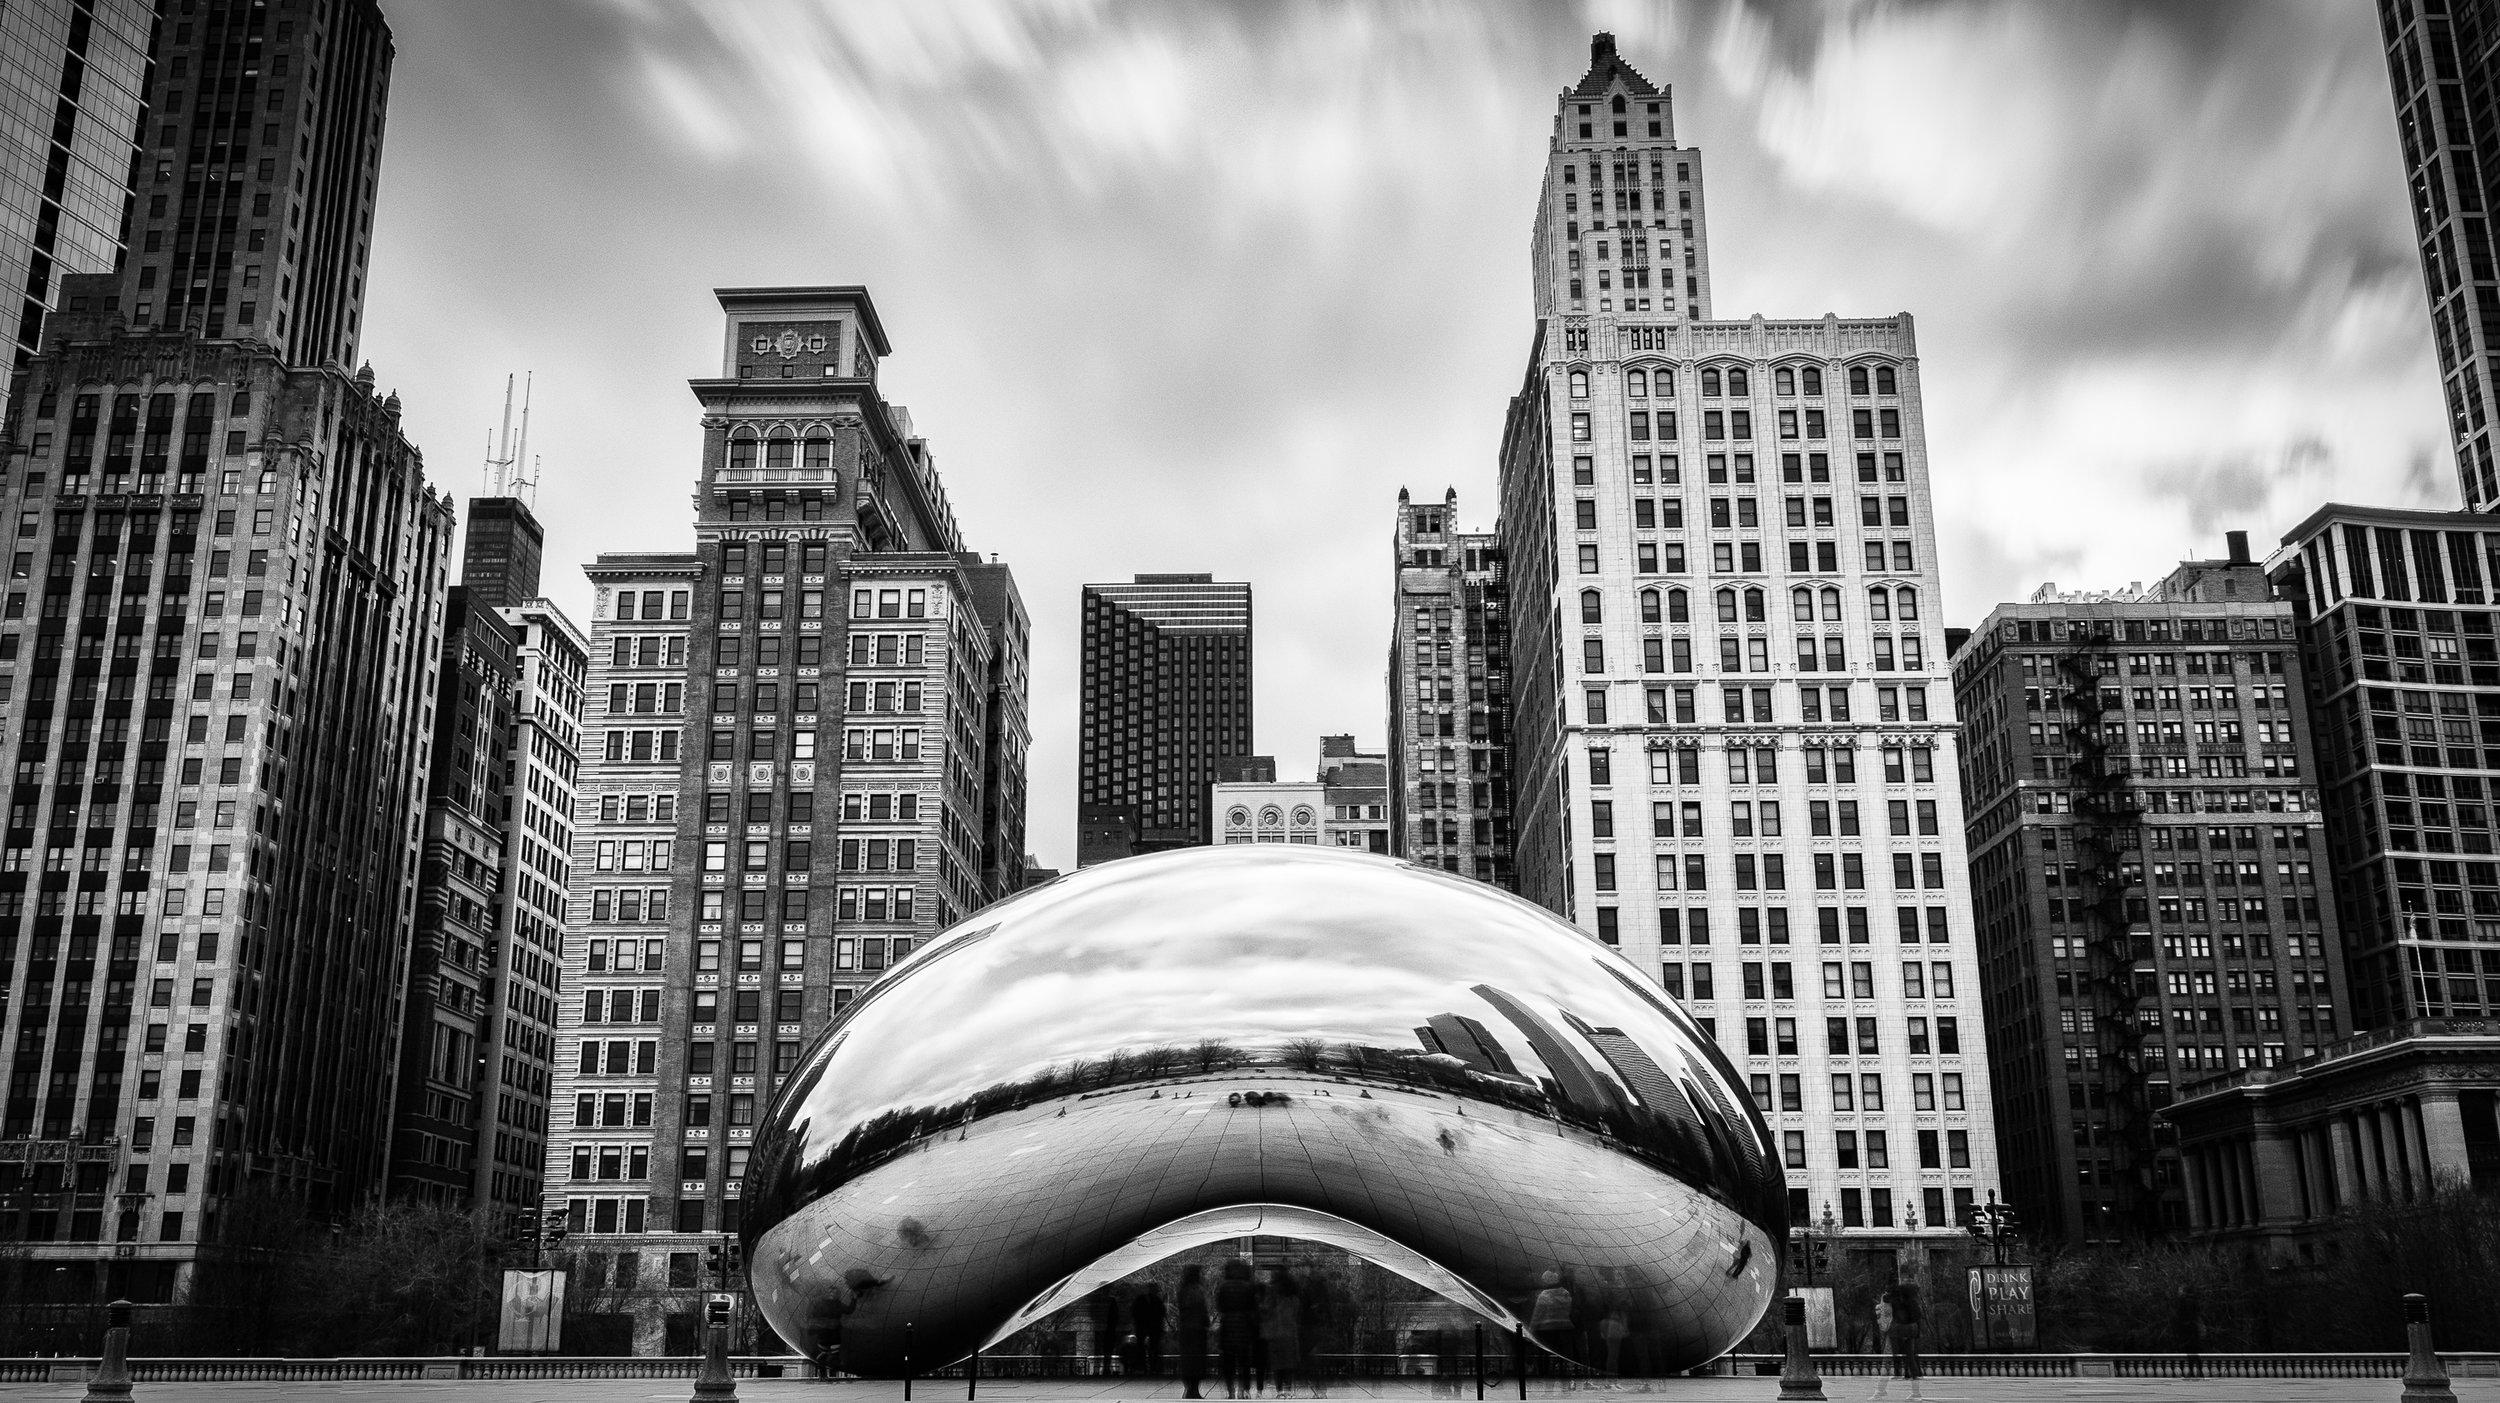 Cloud Gate. Millenium Park. Chicago, IL. March. 2018